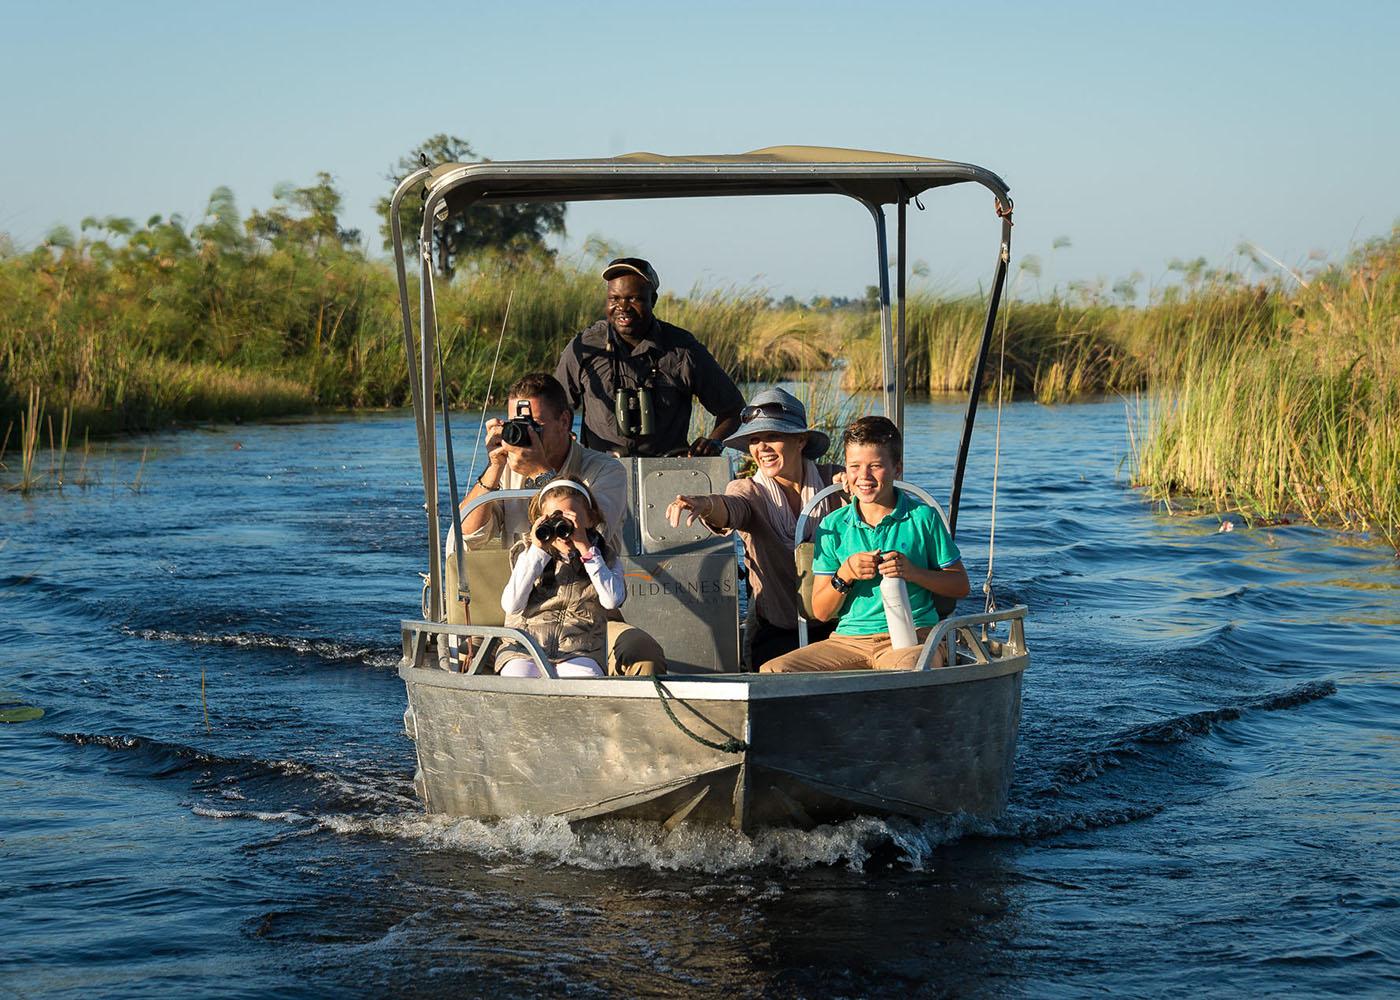 Botswana, une famille effectue une excursion en bateau privatif dans le delta de l'Okavango